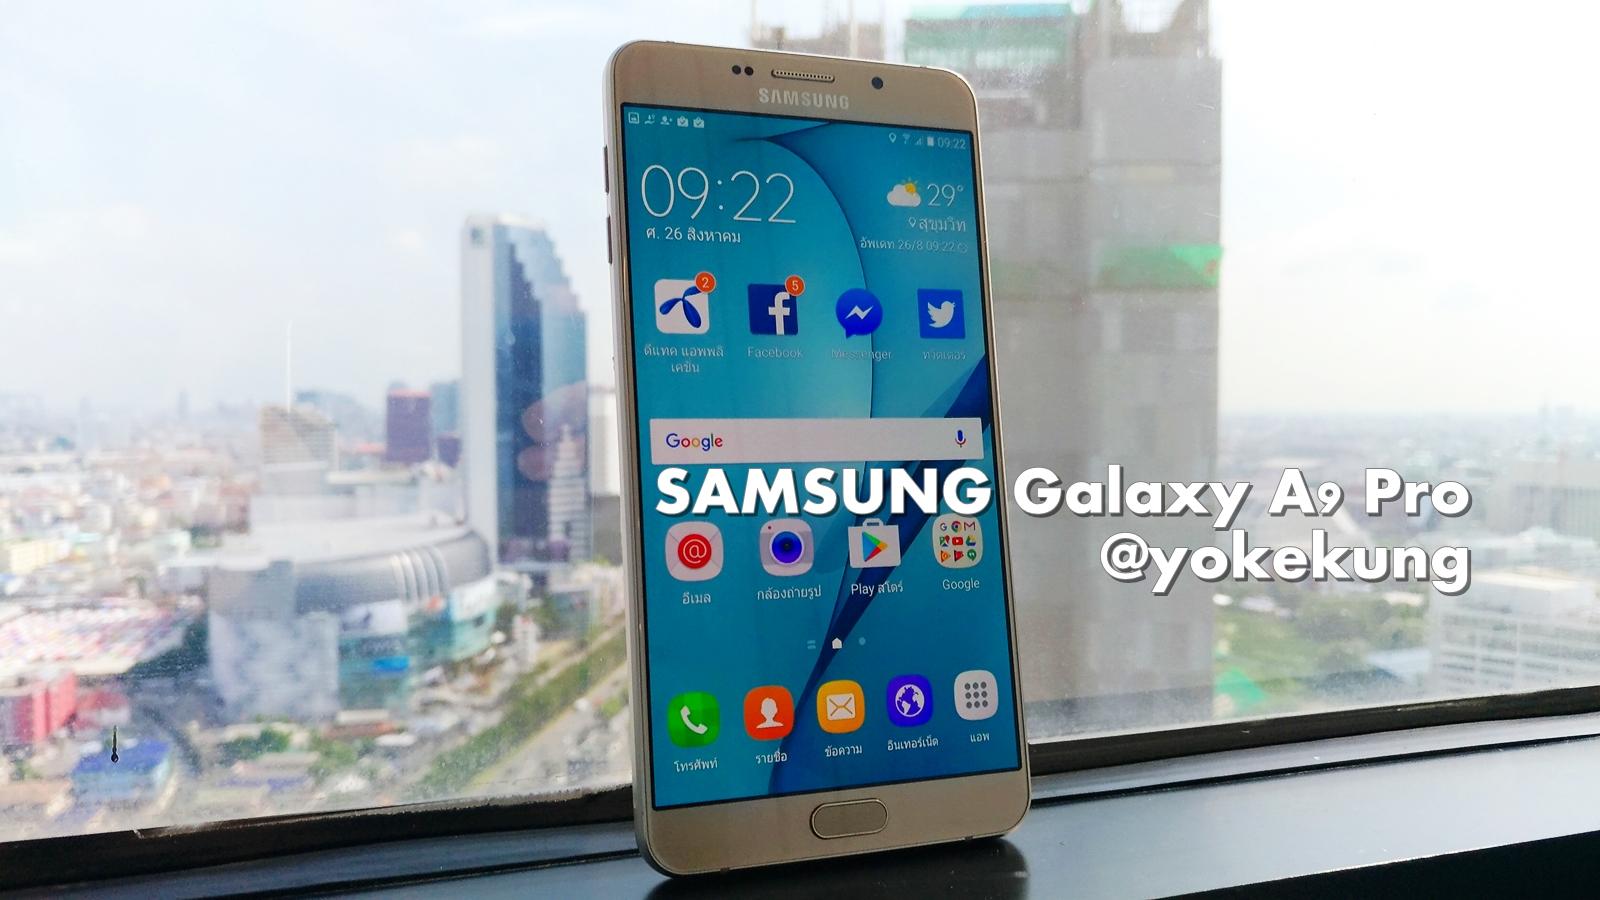 พิสูจน์การใช้งานจริง Samsung Galaxy A9 Pro แบตอึด จอใหญ่ เซลฟี่แจ่ม